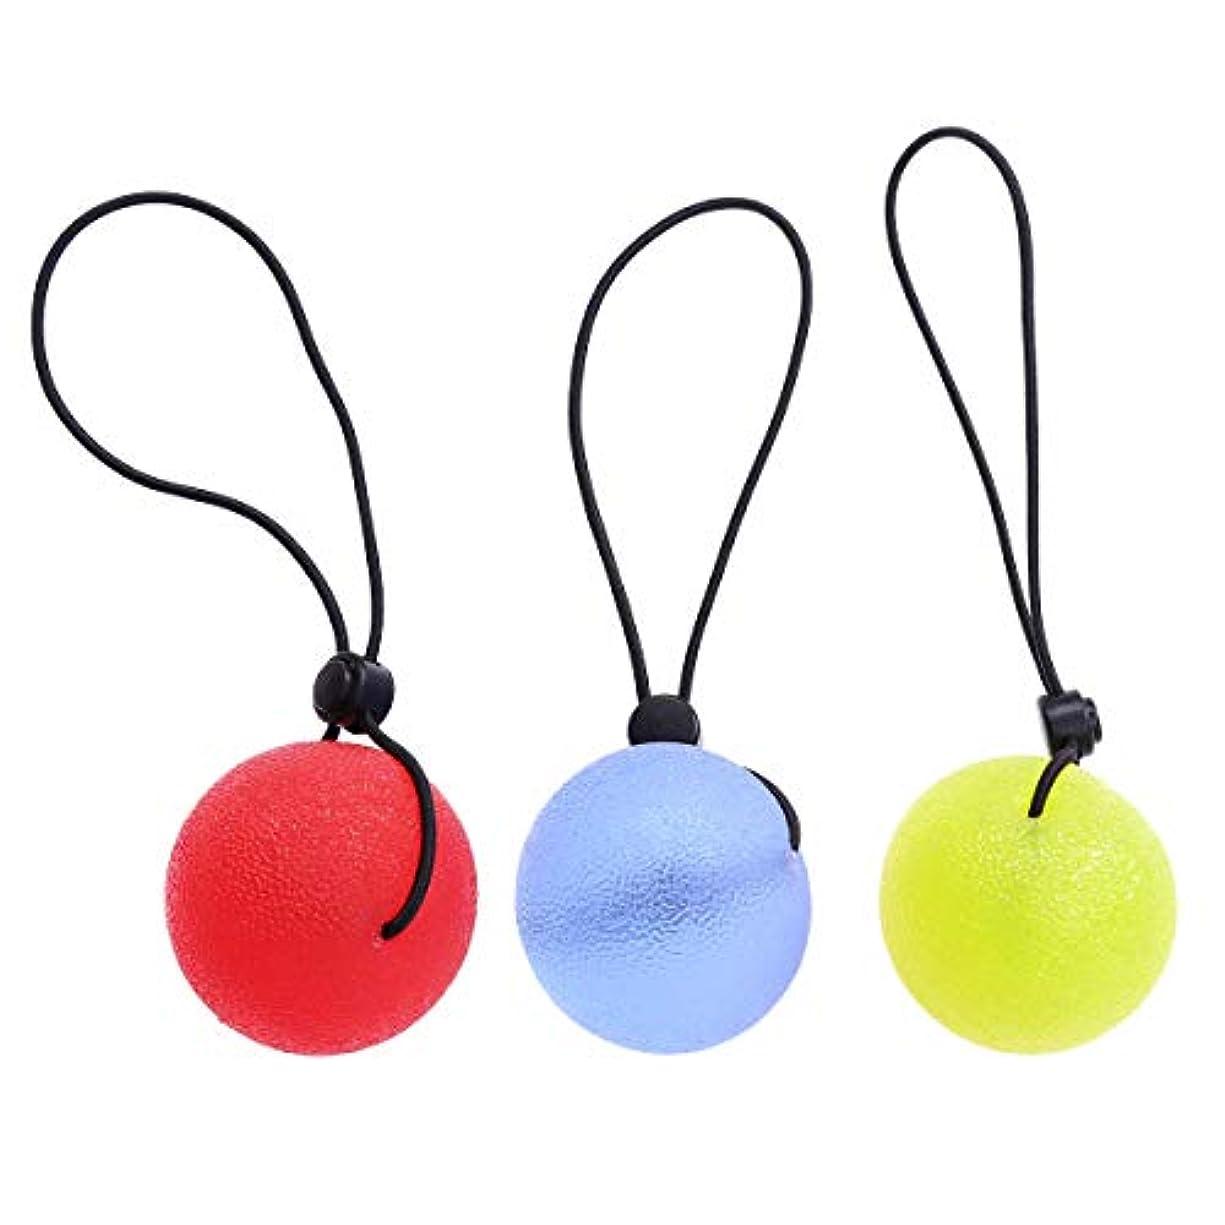 情緒的特別な驚SUPVOX 3個シリコーングリップボールハンドエクササイズボールハンドセラピー強化剤トレーナー